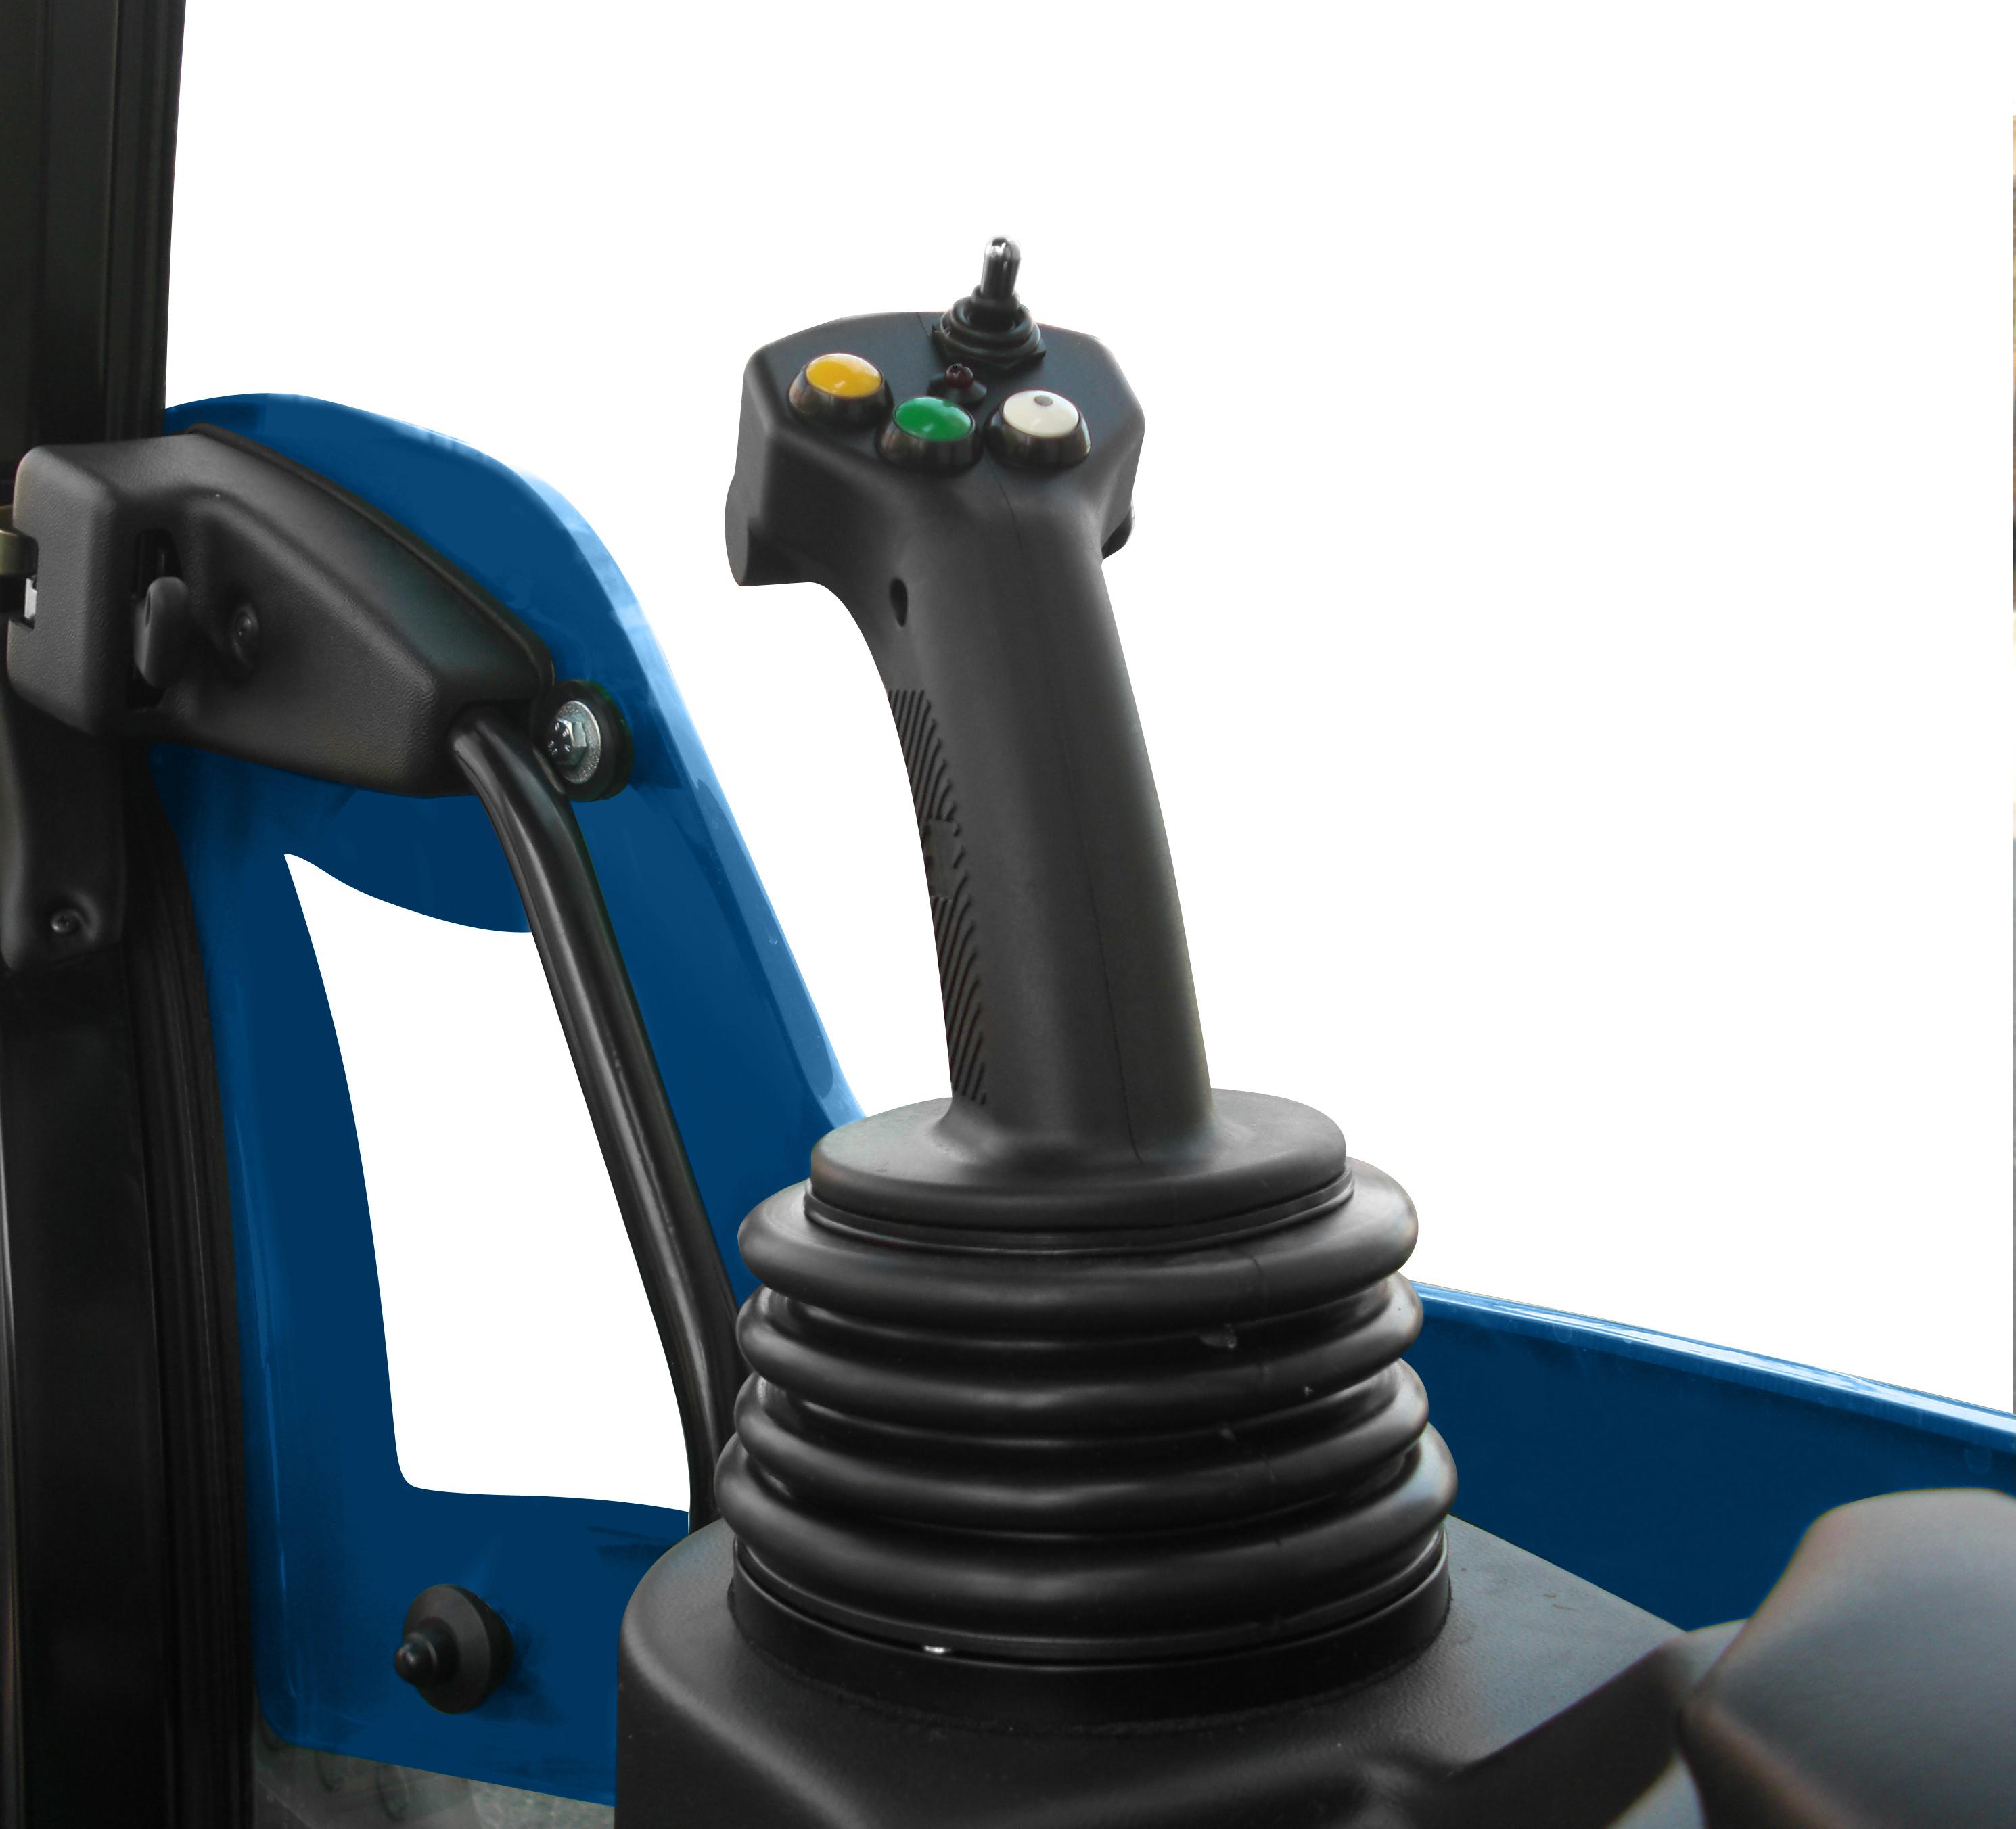 Il joystick a comando elettronico è posto come bracciolo a destra dell'operatore